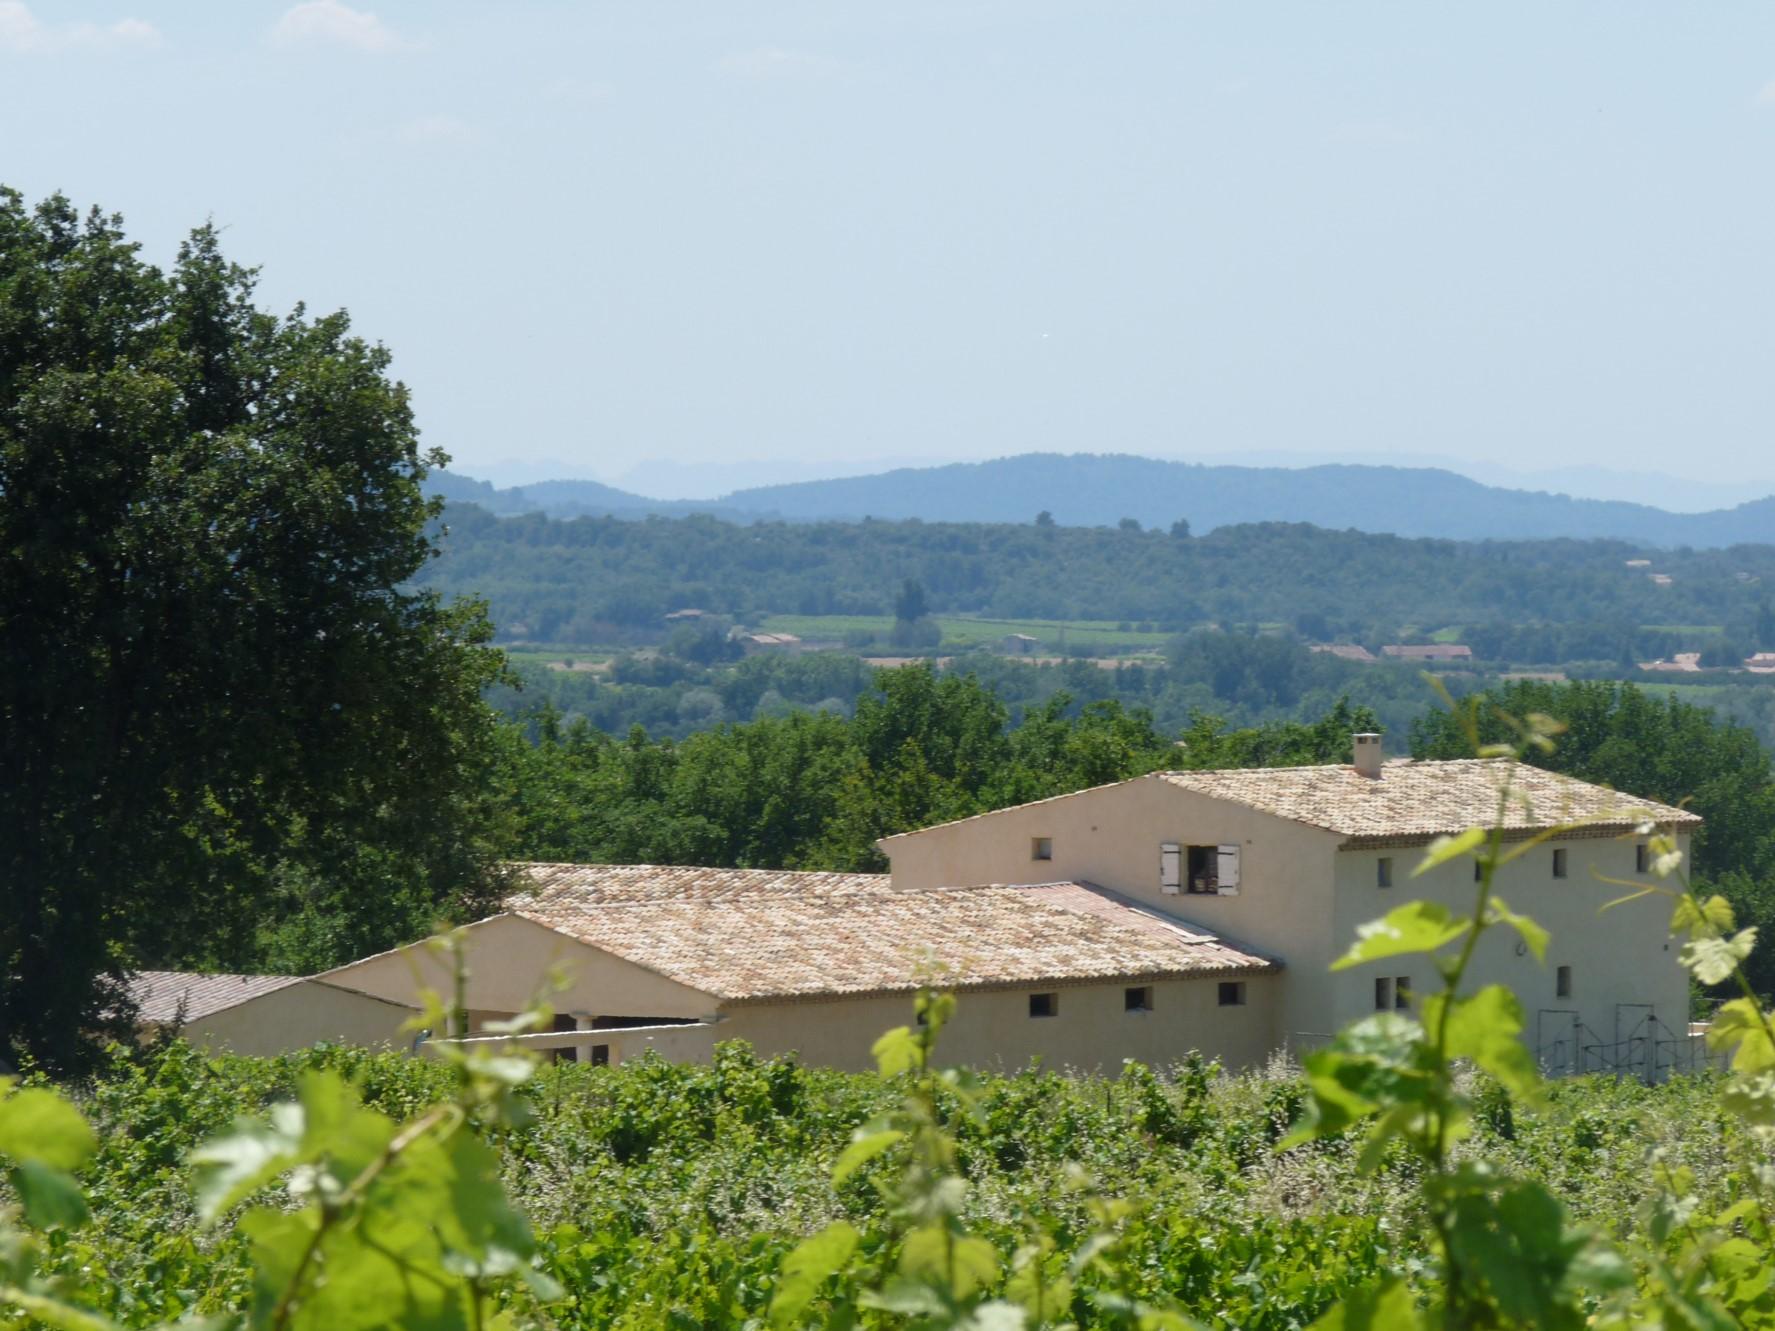 Domaine équestre sur plusieurs hectares avec vue à vendre entre Luberon et Mont Ventoux